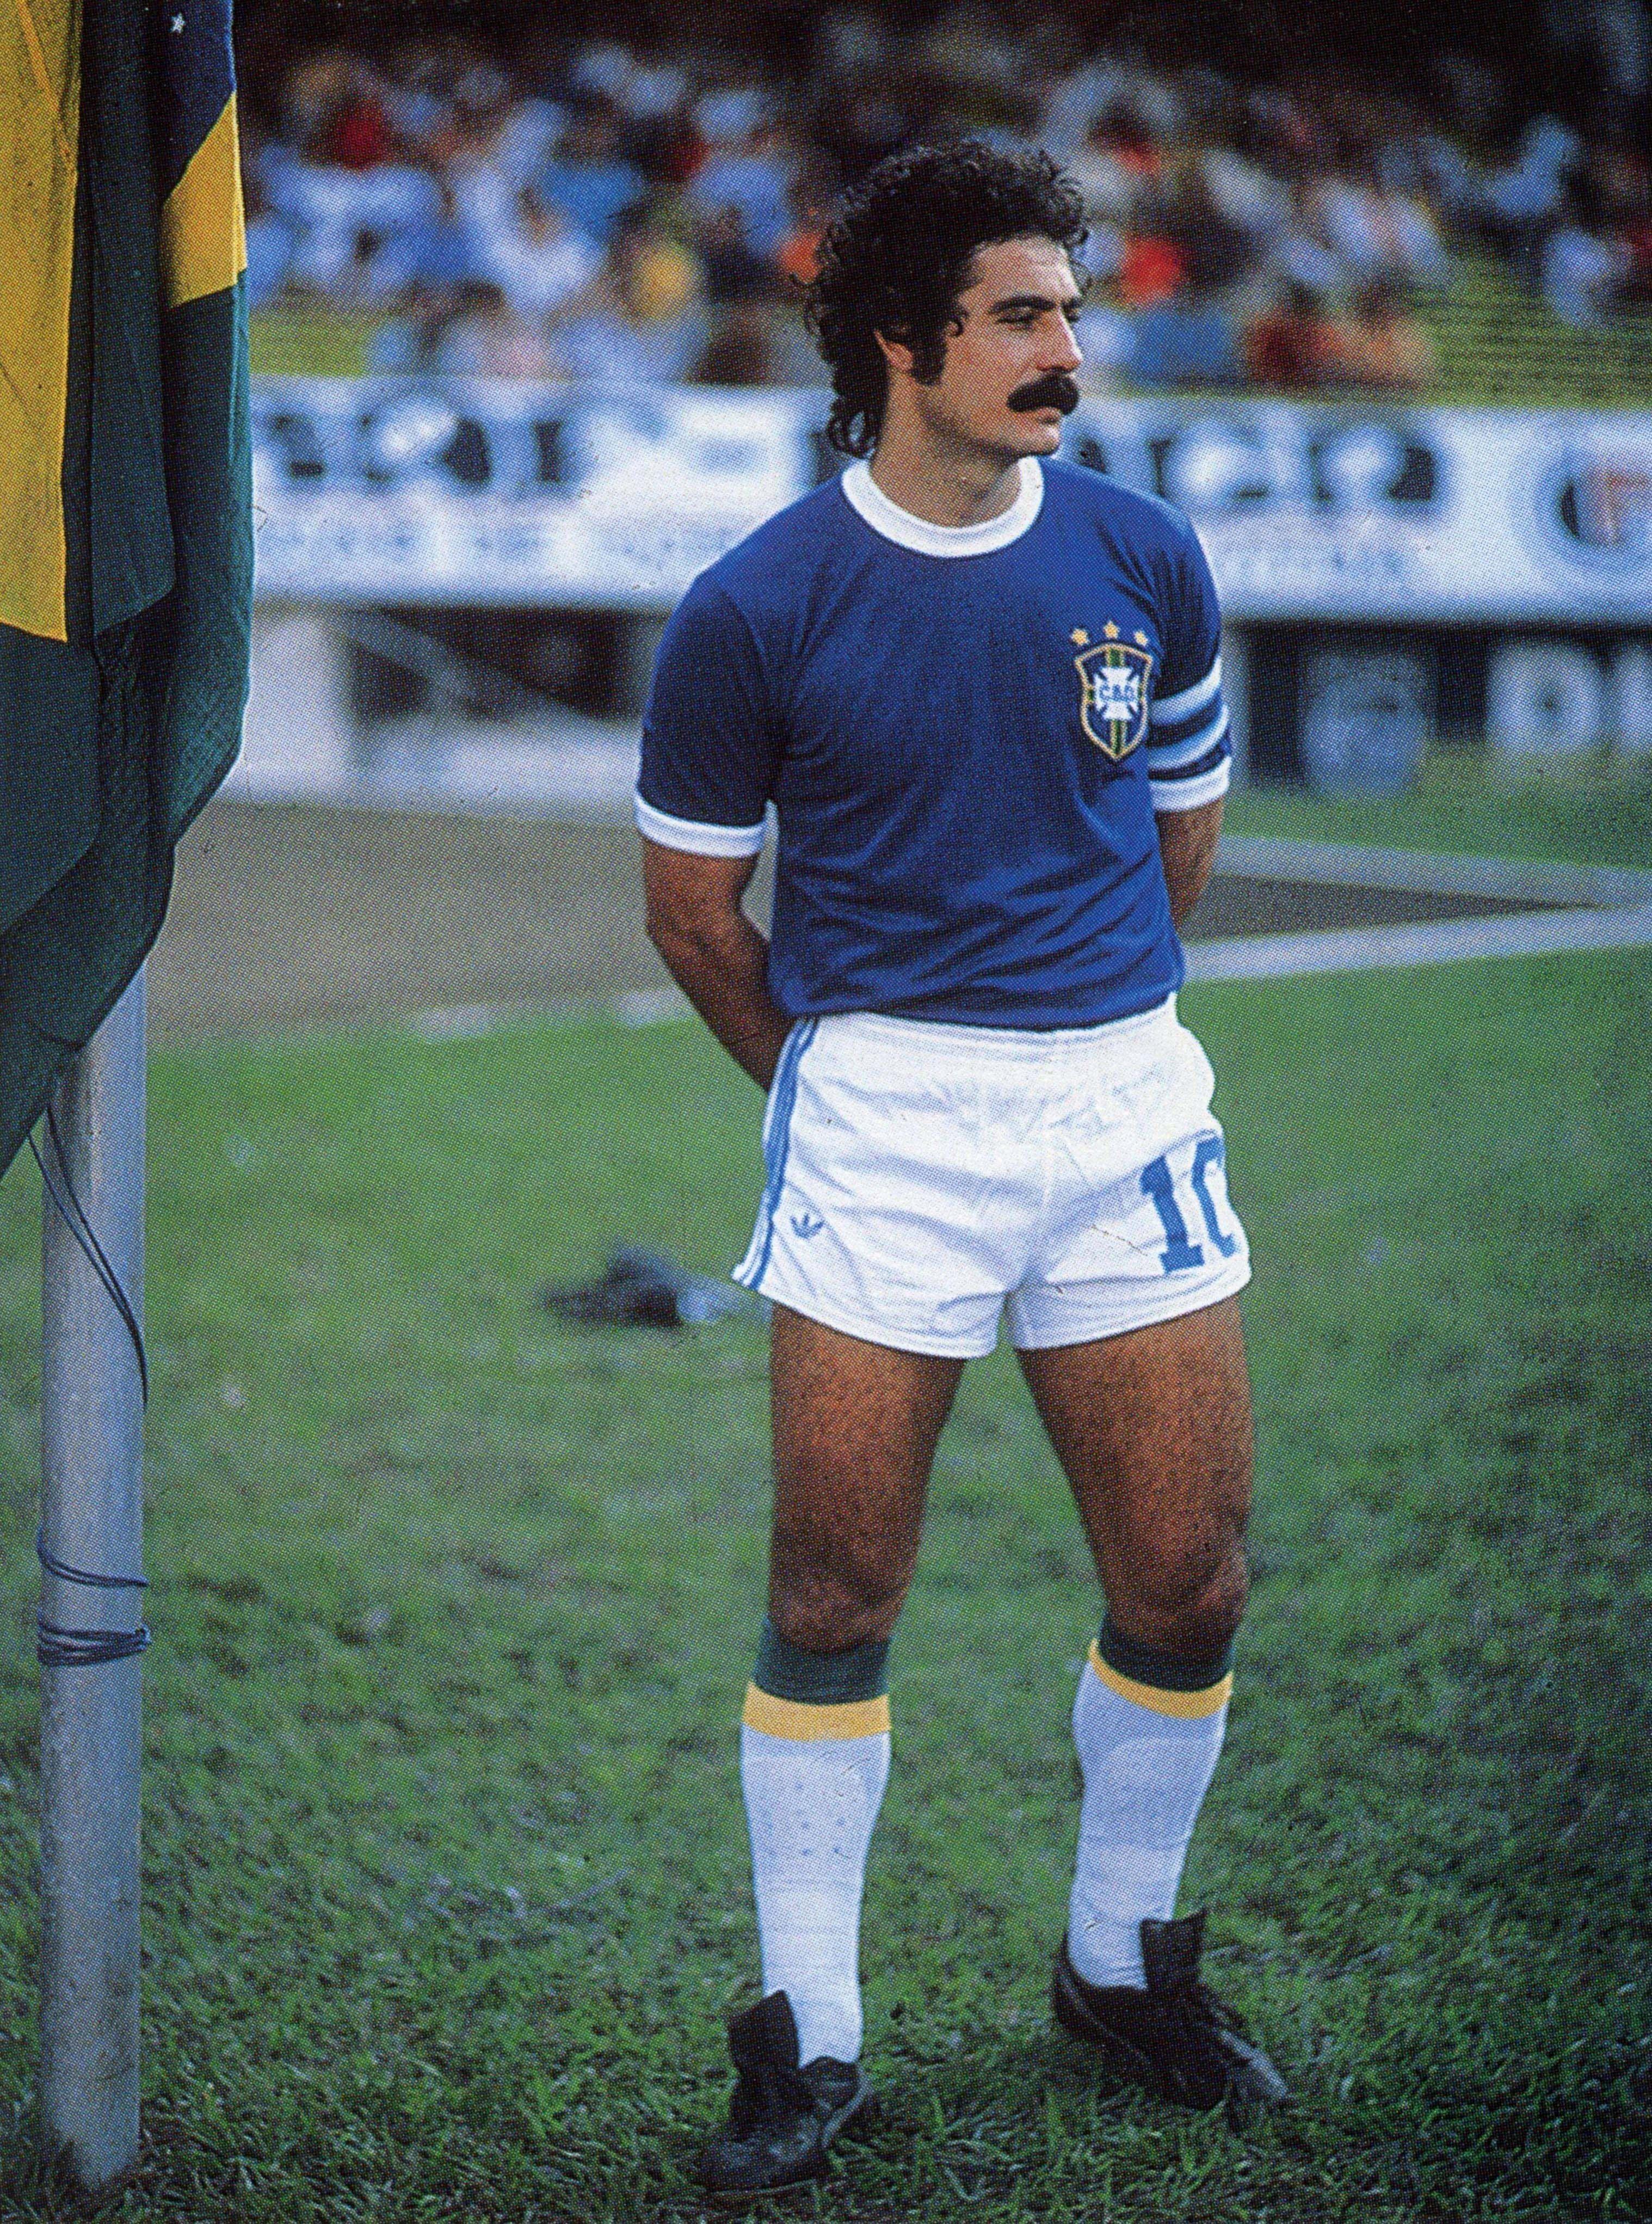 Roberto RIVELLINO